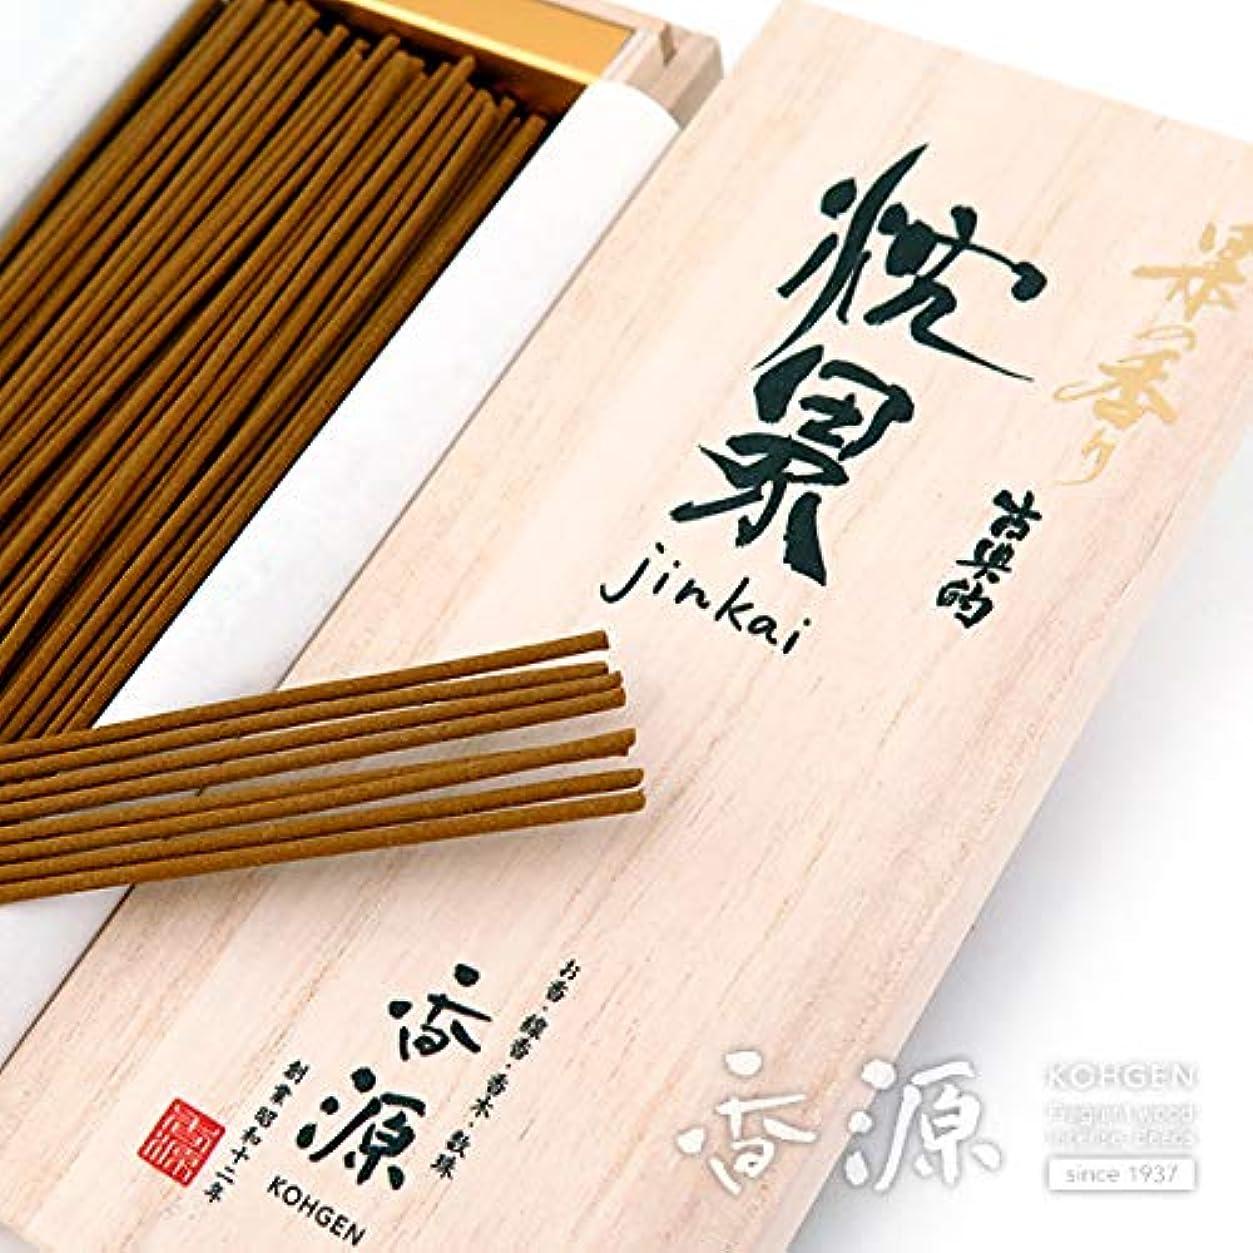 手つかずの定説十分香源オリジナル 日本の香り 沈界 短寸桐箱入 お香 お線香 スティック型インセンス 完全限定品 沈香